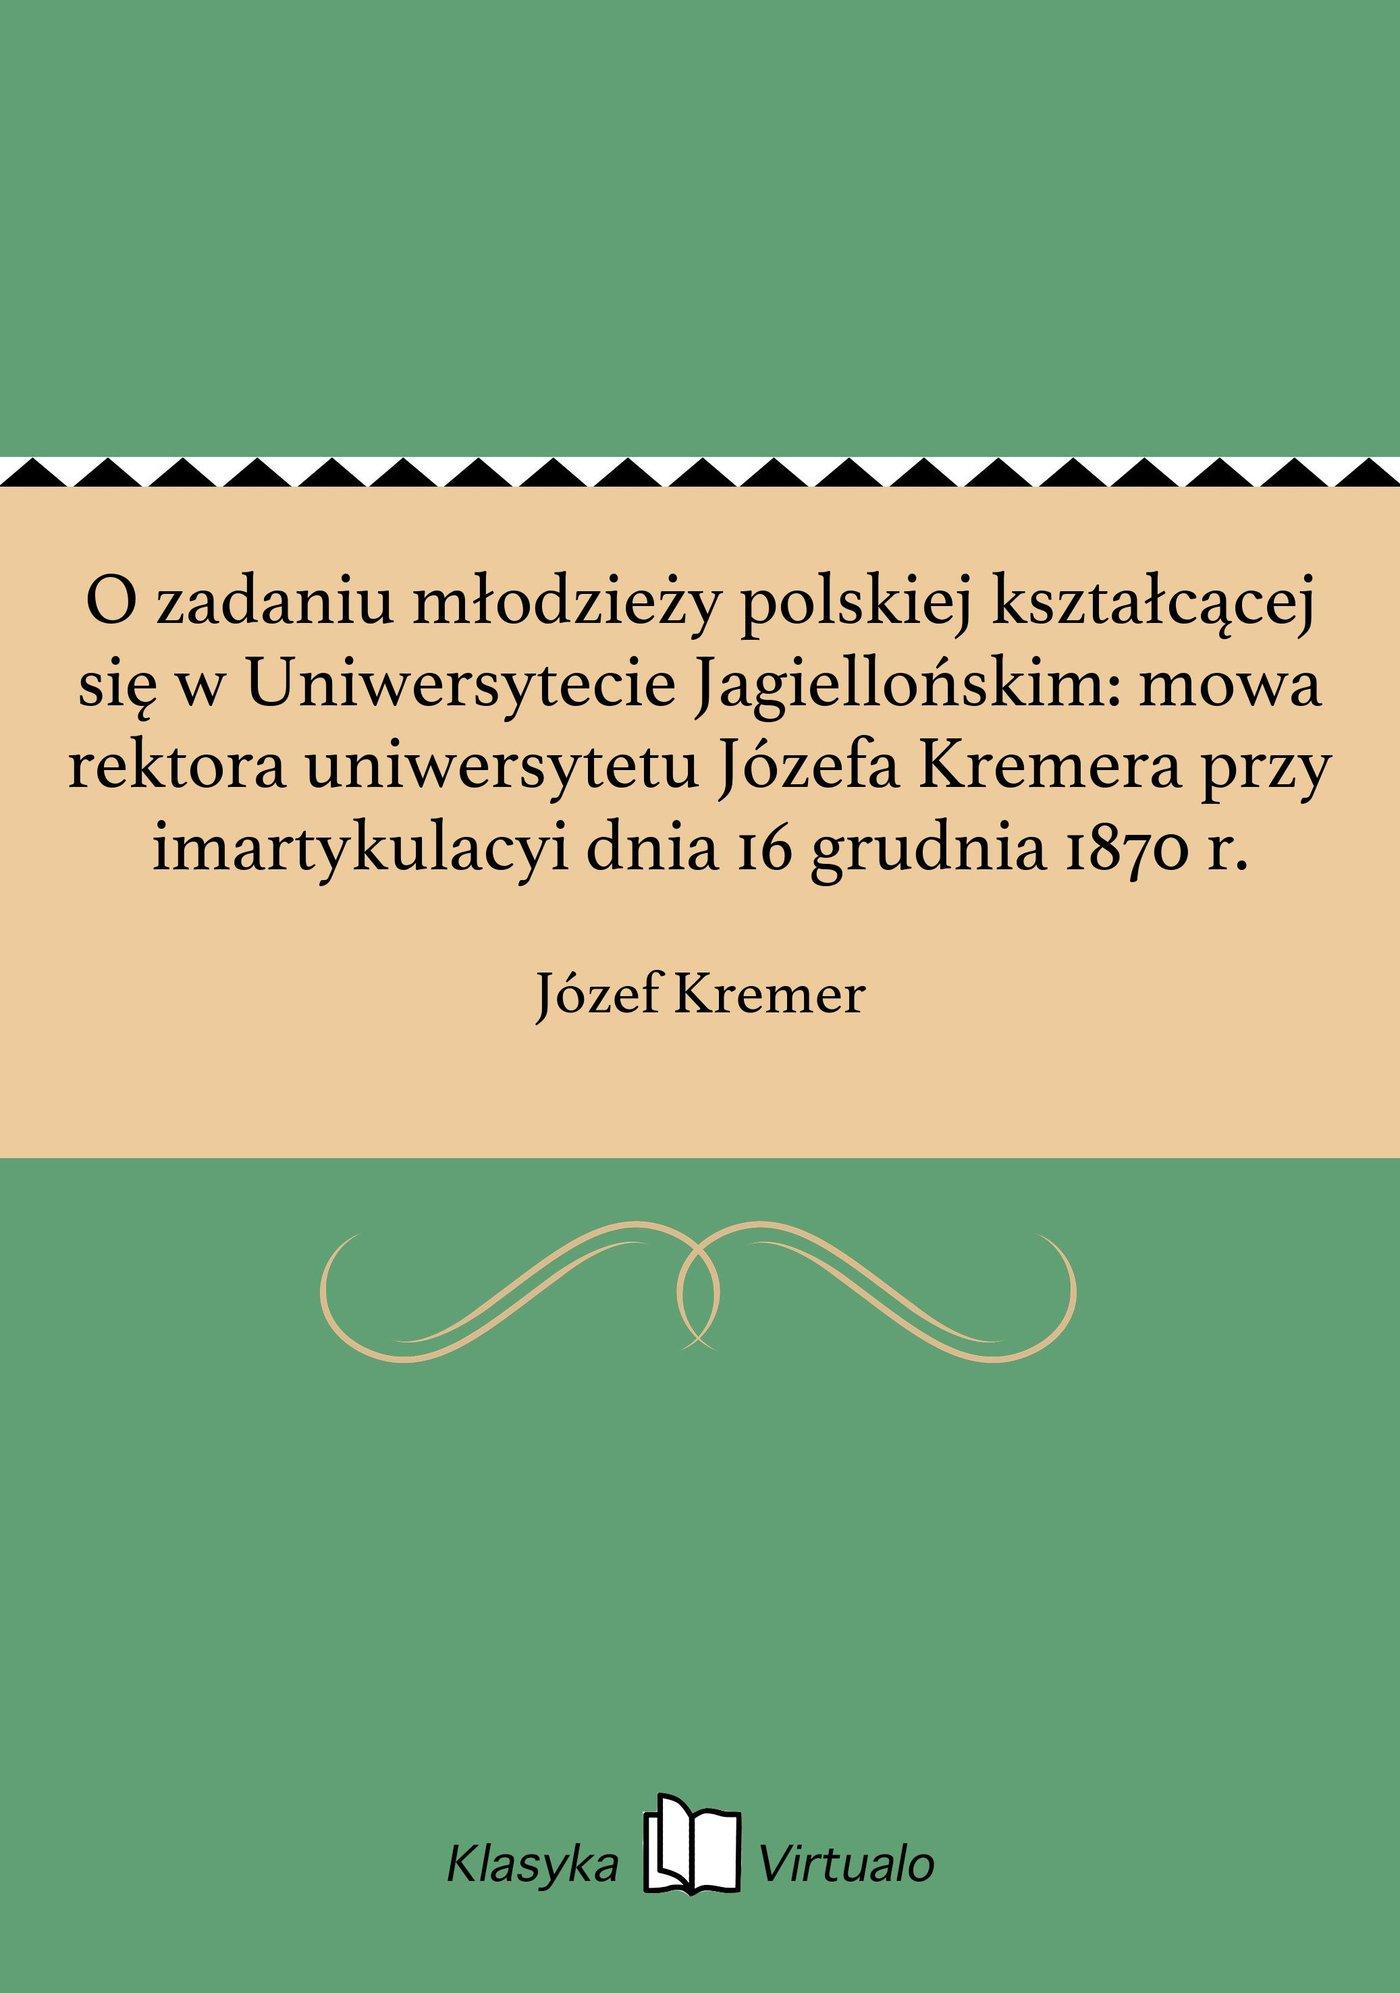 O zadaniu młodzieży polskiej kształcącej się w Uniwersytecie Jagiellońskim: mowa rektora uniwersytetu Józefa Kremera przy imartykulacyi dnia 16 grudnia 1870 r. - Ebook (Książka EPUB) do pobrania w formacie EPUB